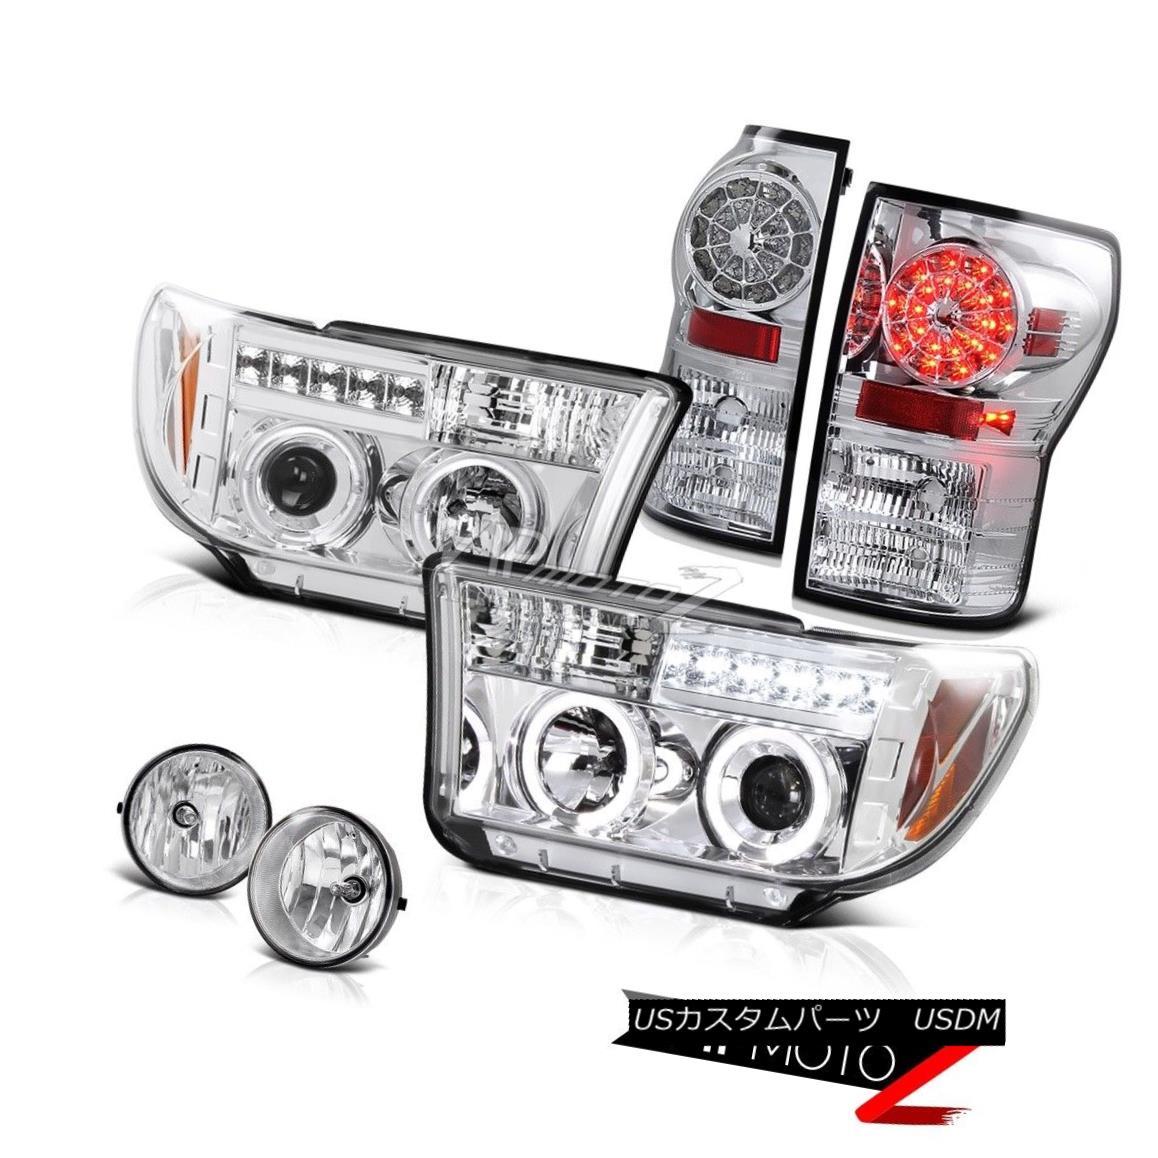 テールライト Toyota 07-2013 TundraChrome Projector Halo Headlamp+Led Tail Light+Fog Lamp トヨタ07-2013トンドラクロームプロジェクターハローヘッドランプ+ Ledテールライト+フォグランプ